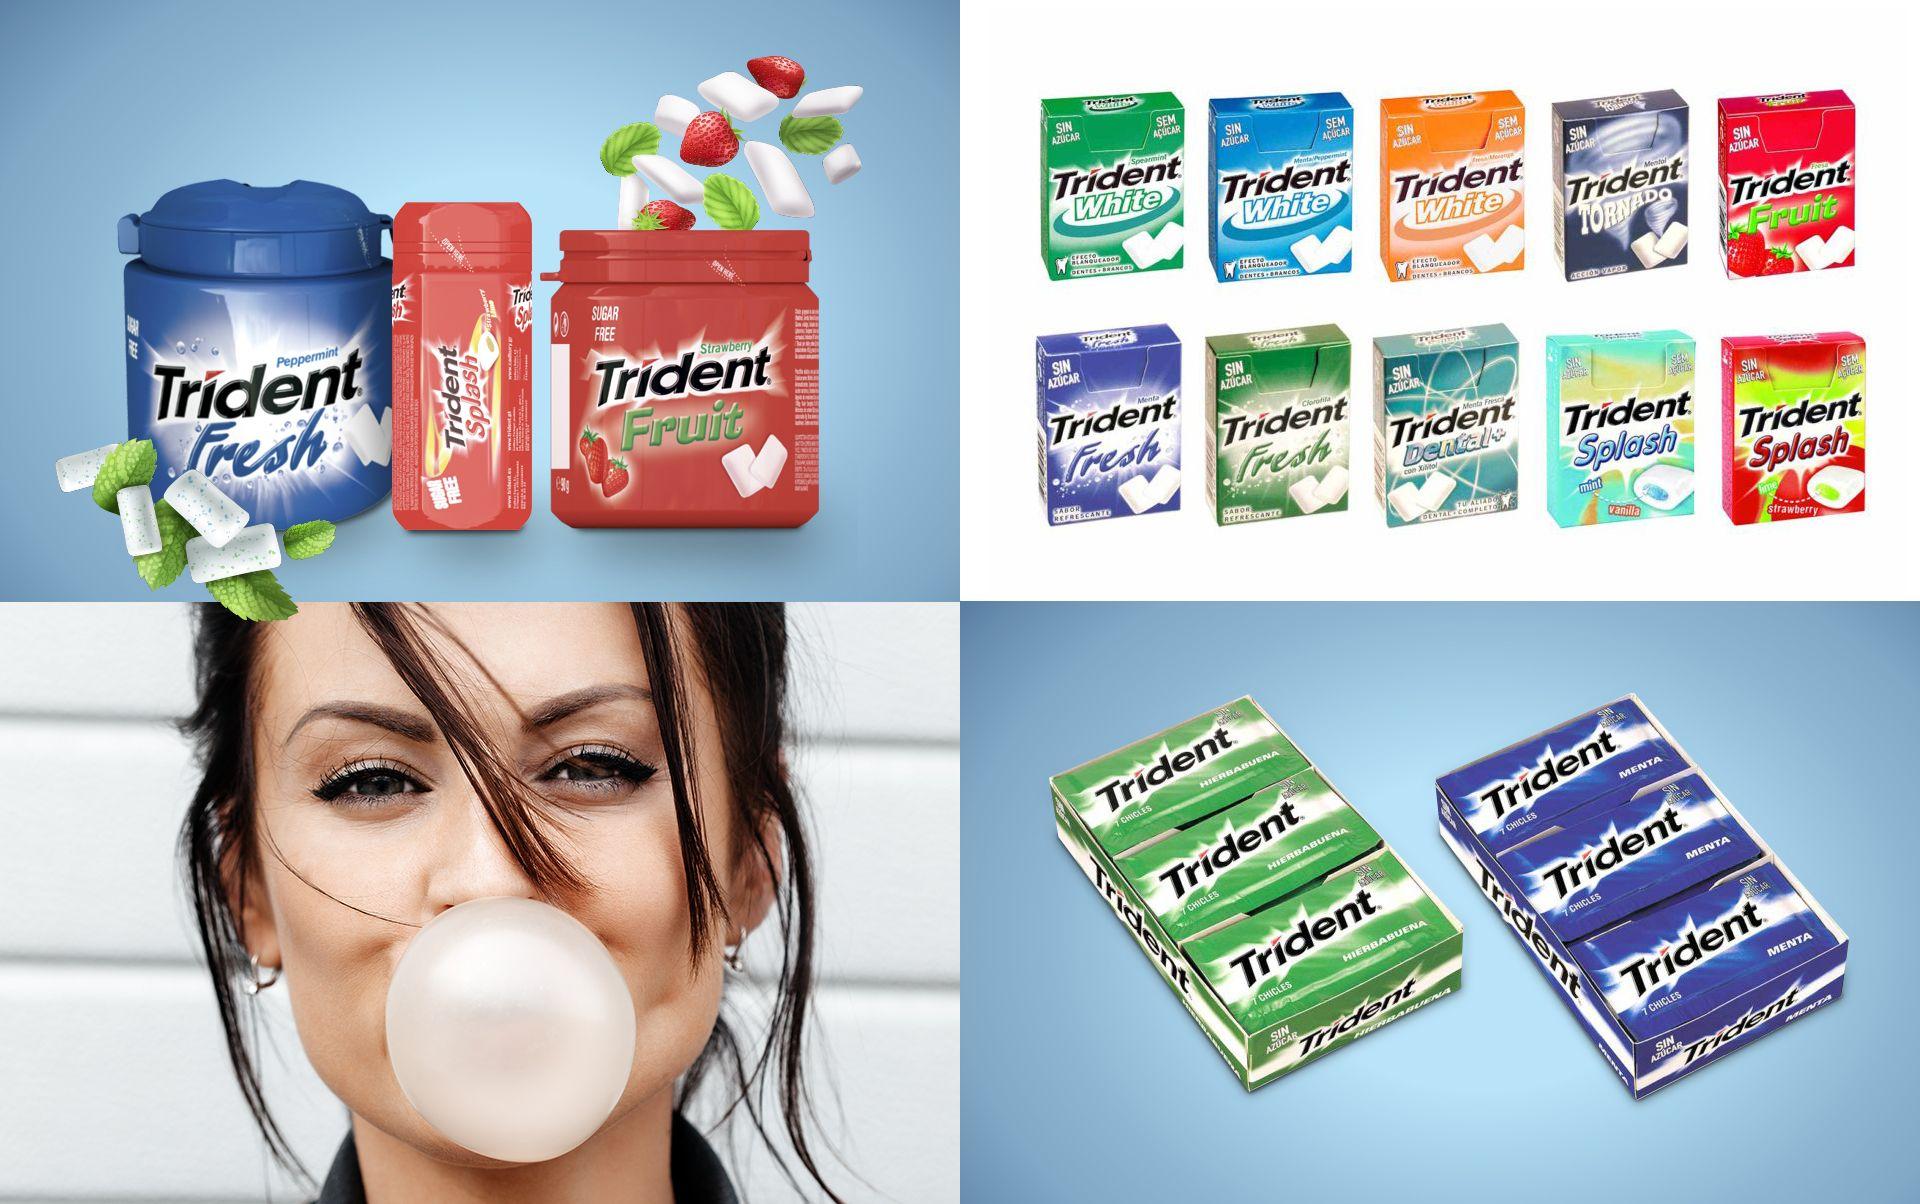 03 Creacion y diseno de packaging trident - Diseño gráfico y packaging de producto